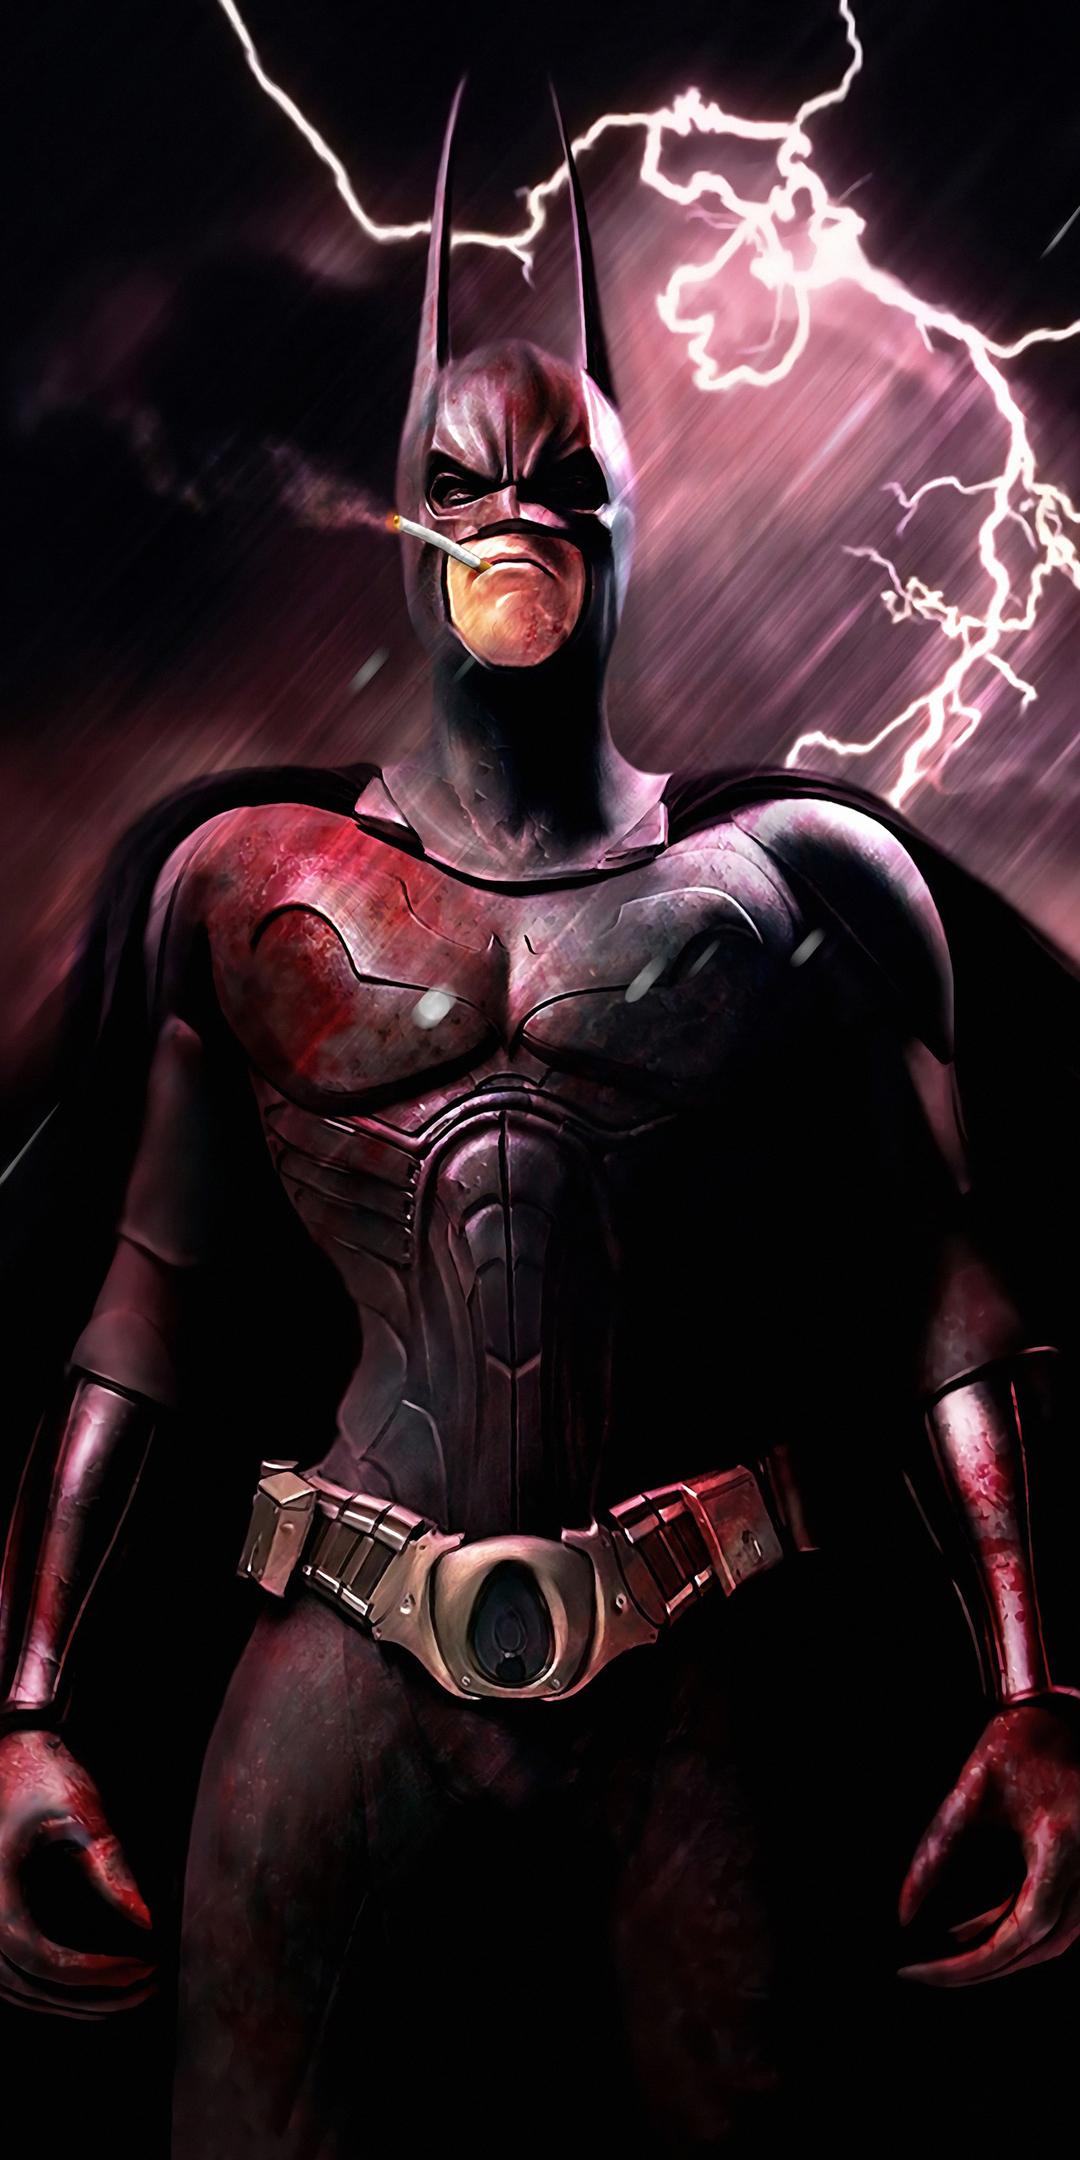 batman-smoking-art-ds.jpg